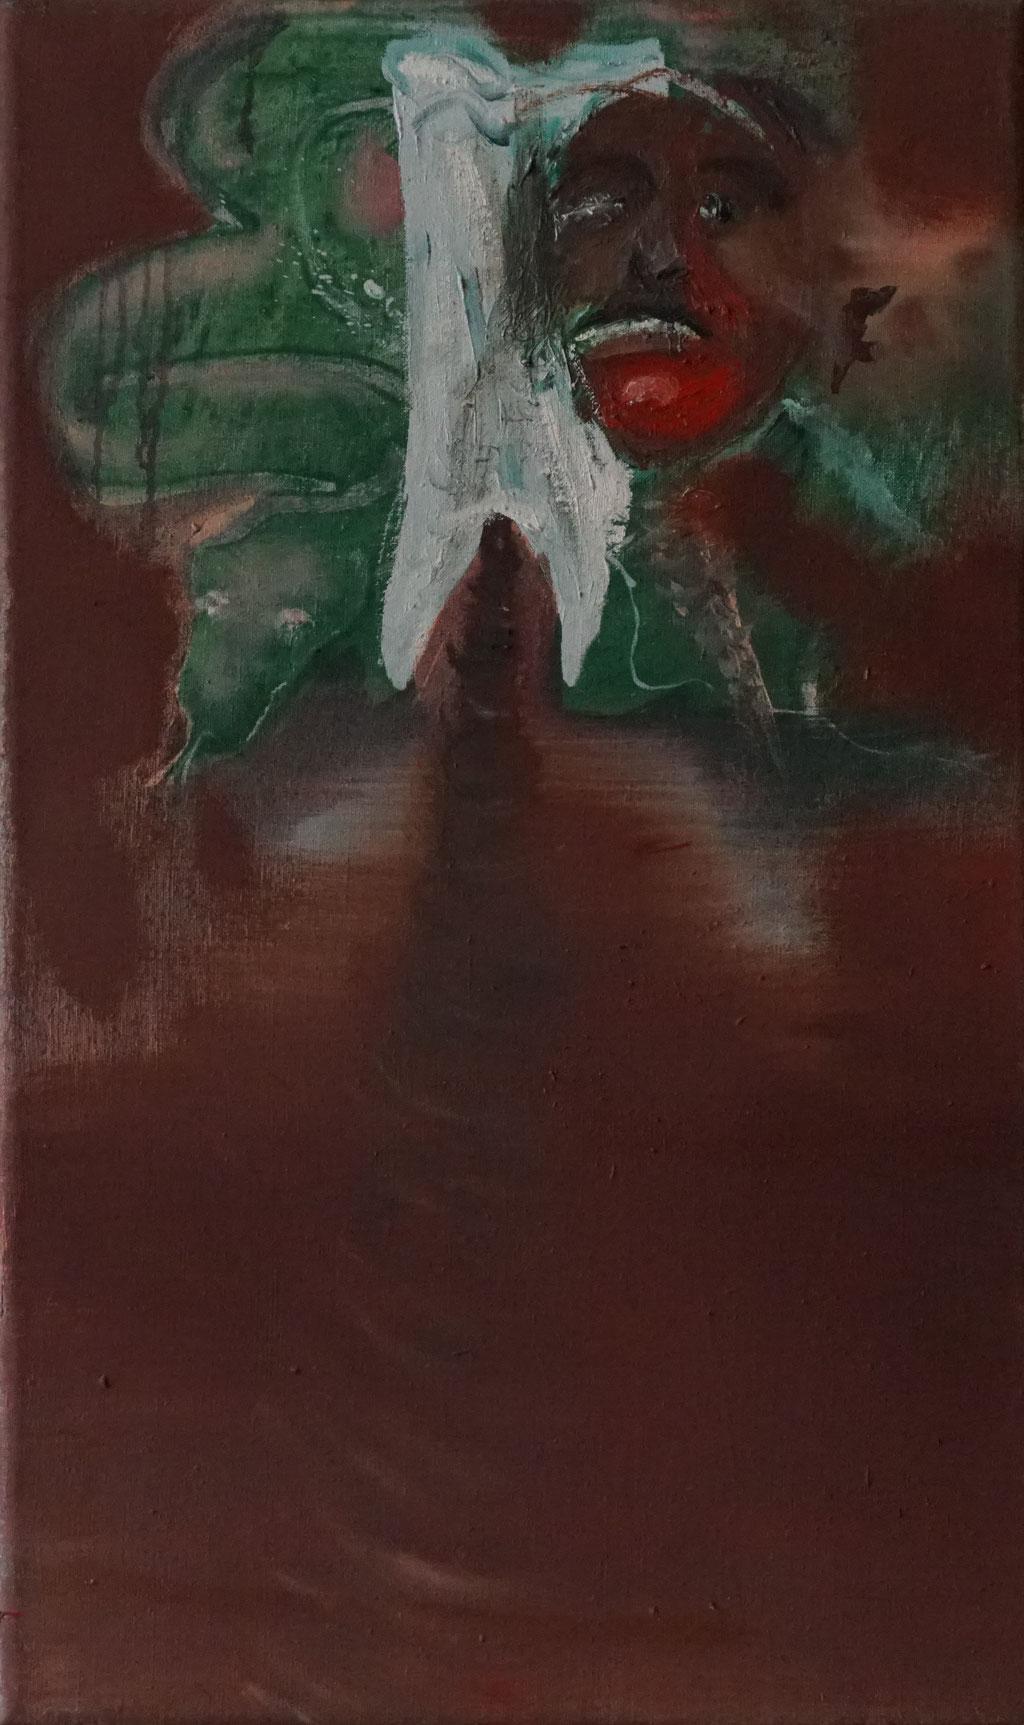 G043 - Öl auf Leinwand - 55 x 35 cm.